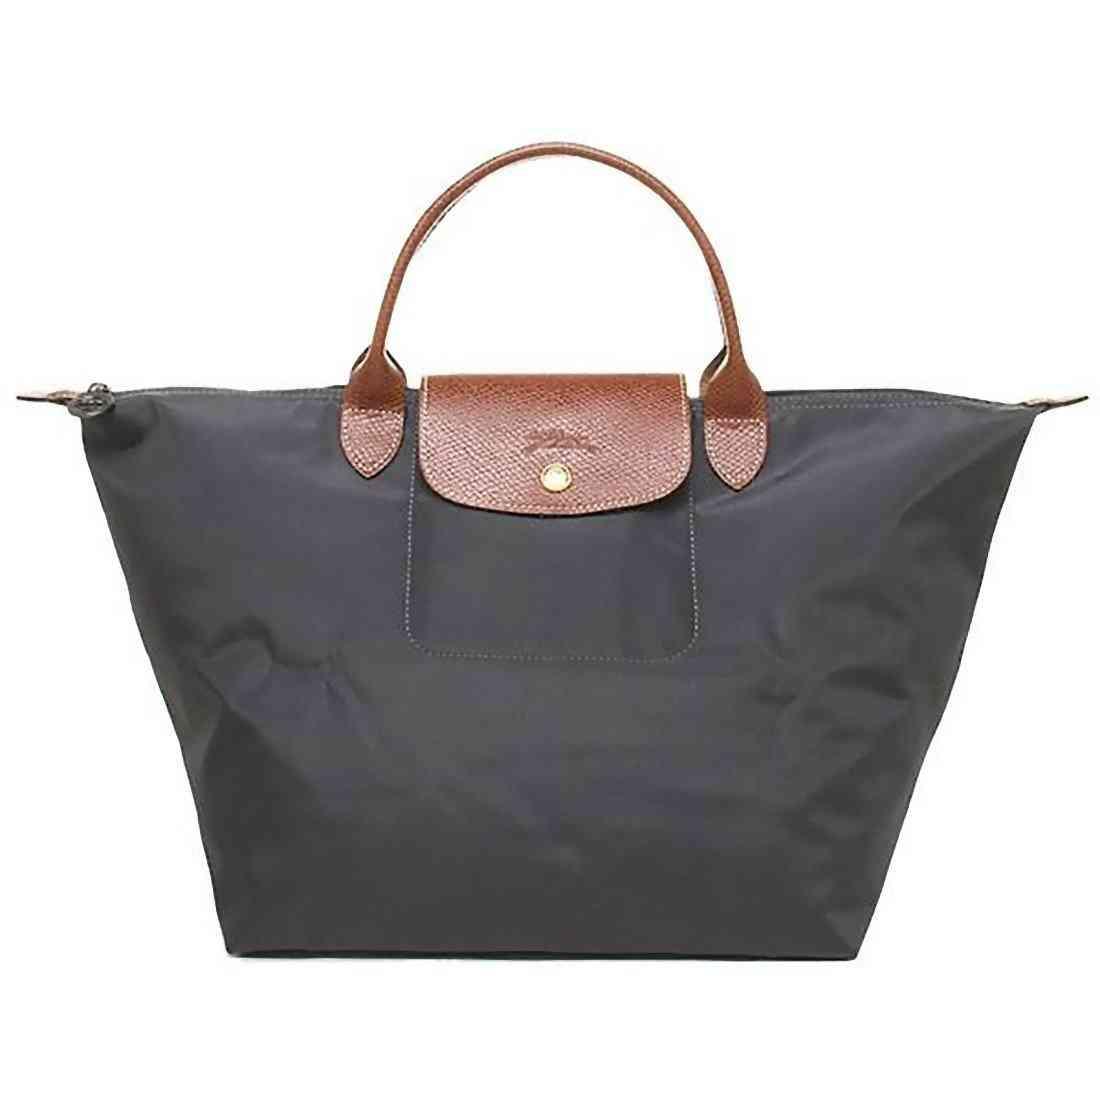 ef49339e9e 軽いレディースビジネスバッグのおすすめ人気ブランドランキング10選♡選び方のポイントも解説!   corecty